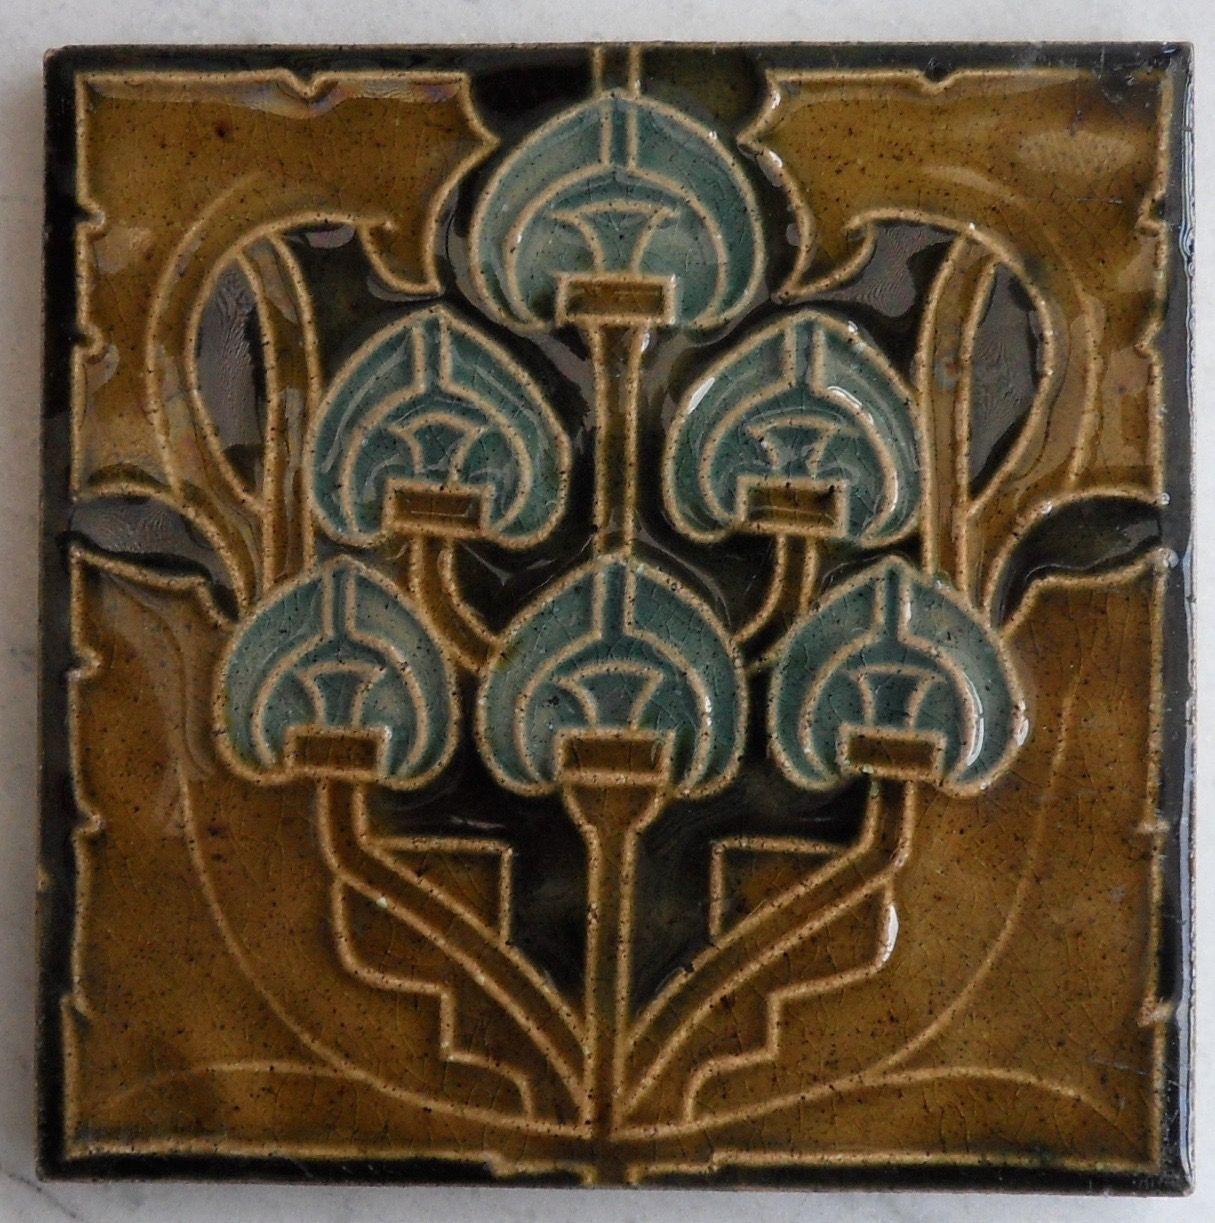 Arts and crafts tiles - Super And Quite Rare Arts Crafts Art Nouveau Design Tile Ref 1803 C1904